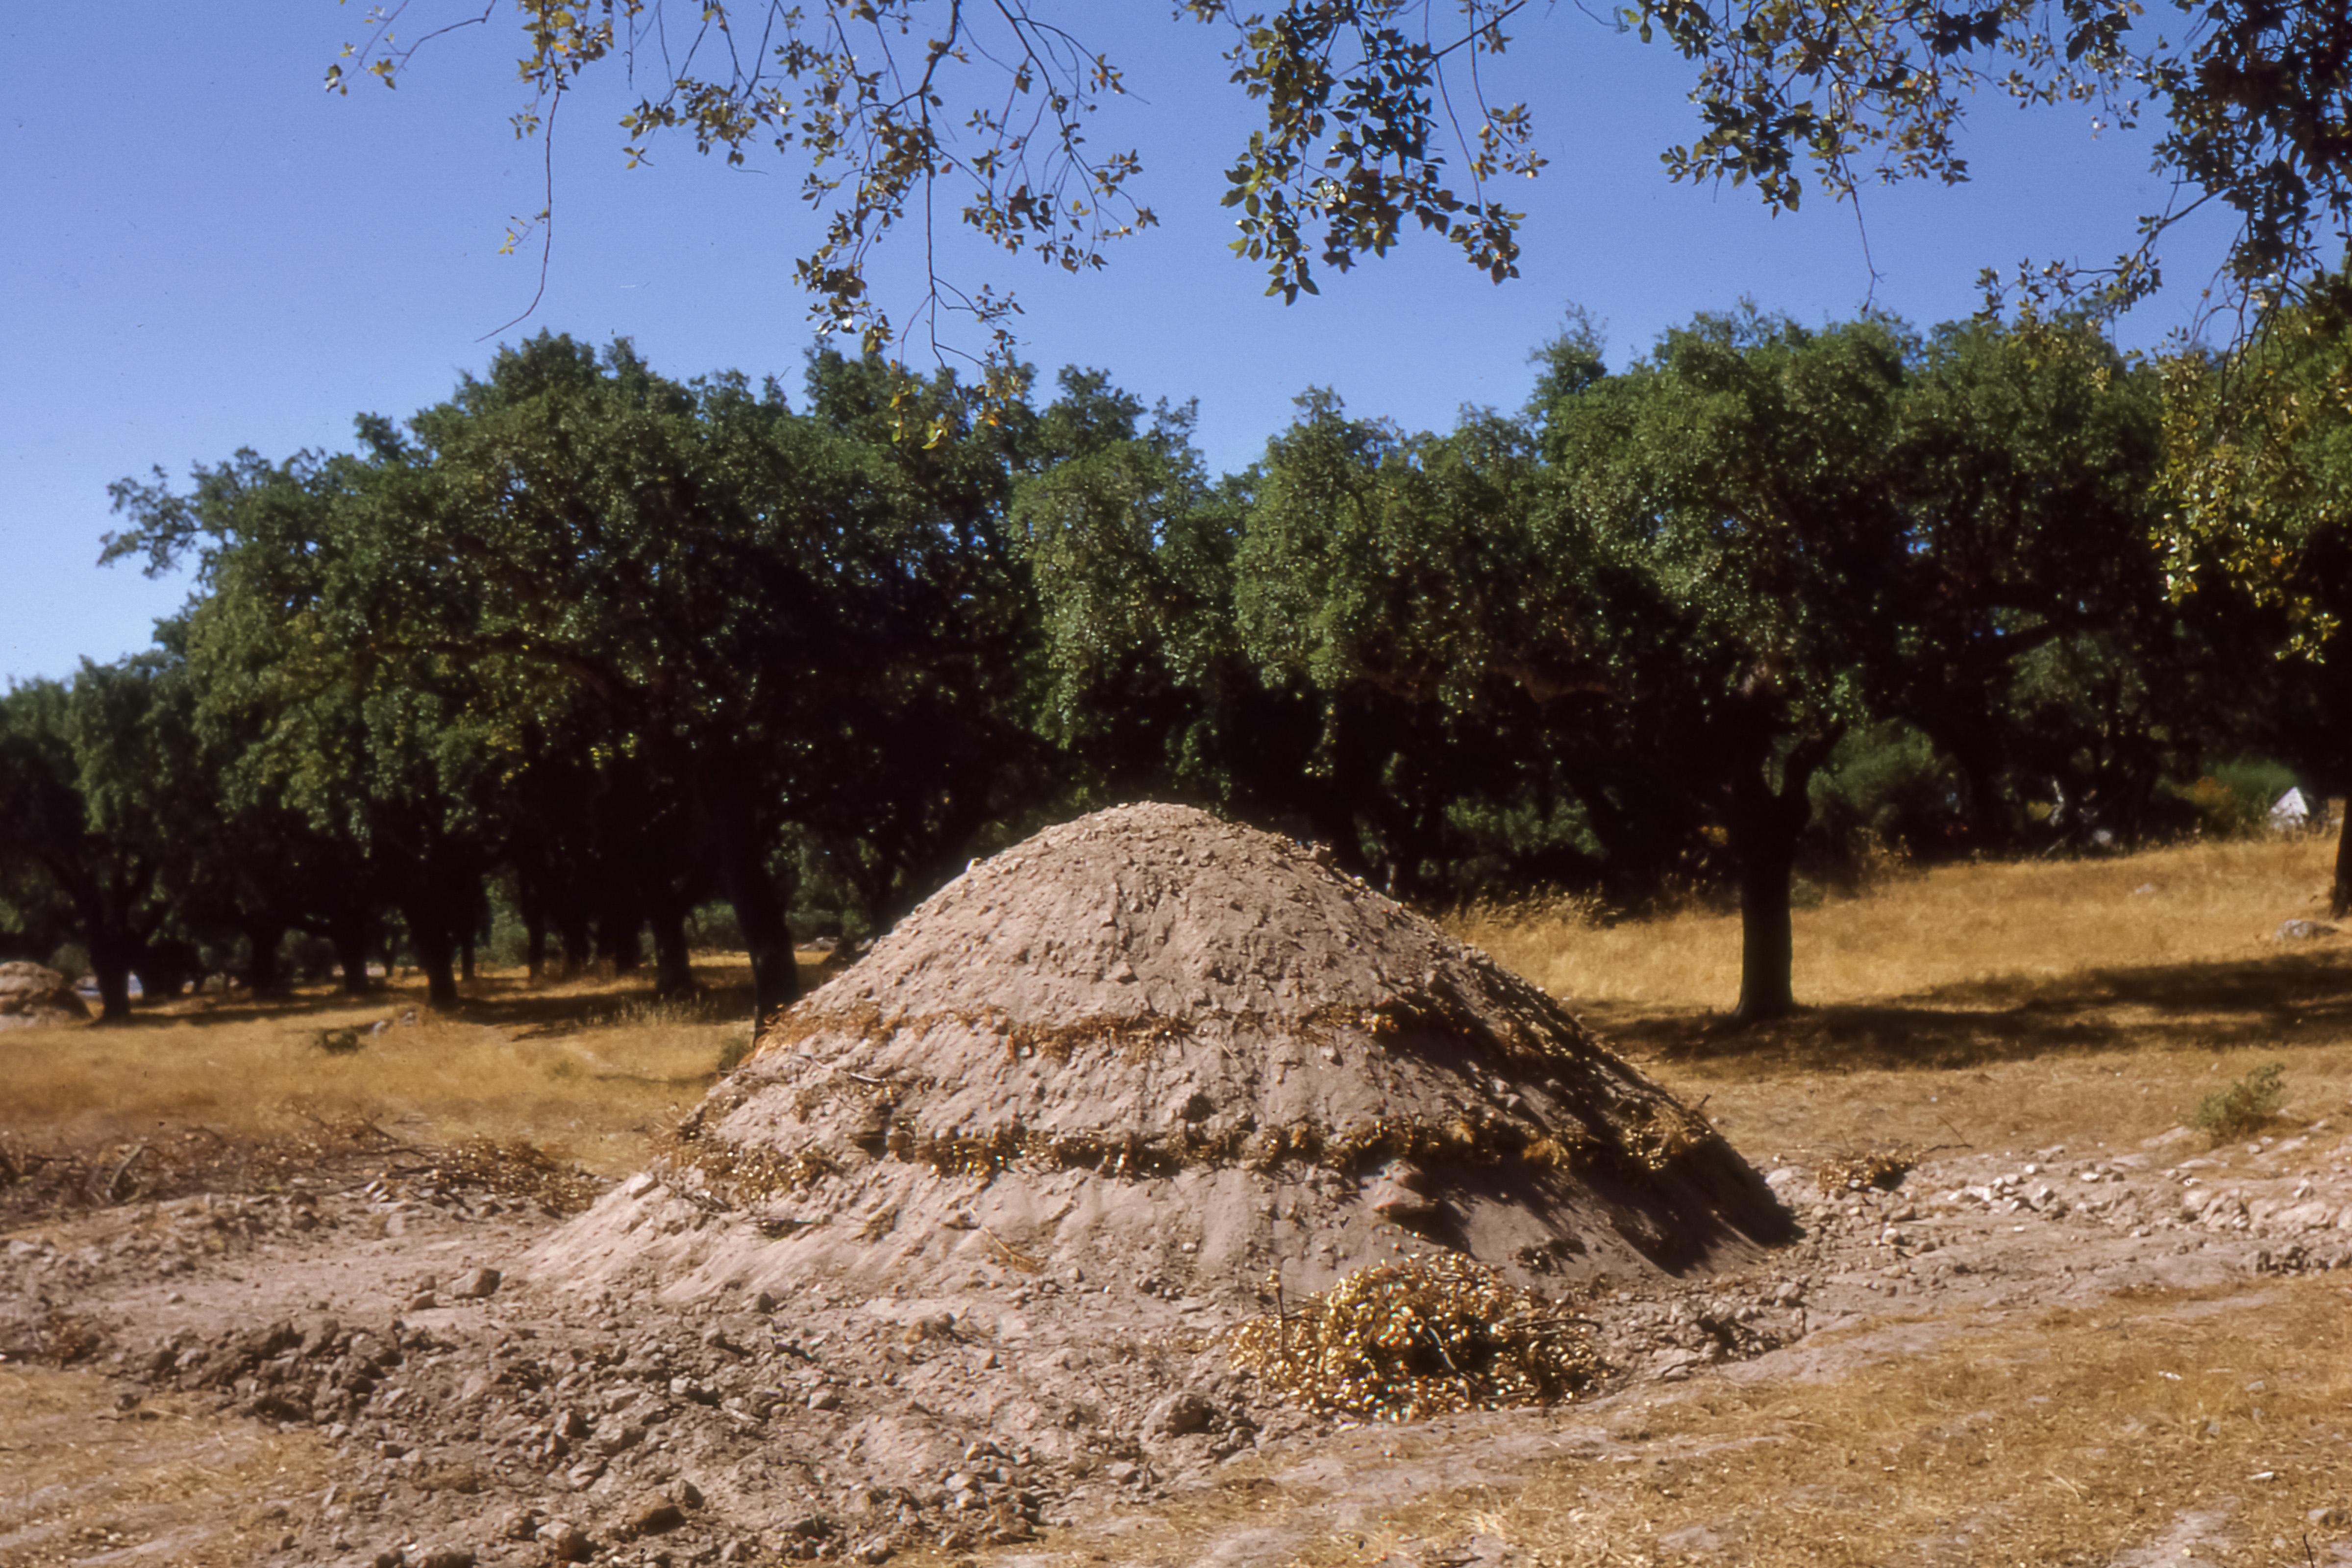 File vora fabrication de charbon de bois 2 1967 08 05 for Fabrication charbon de bois